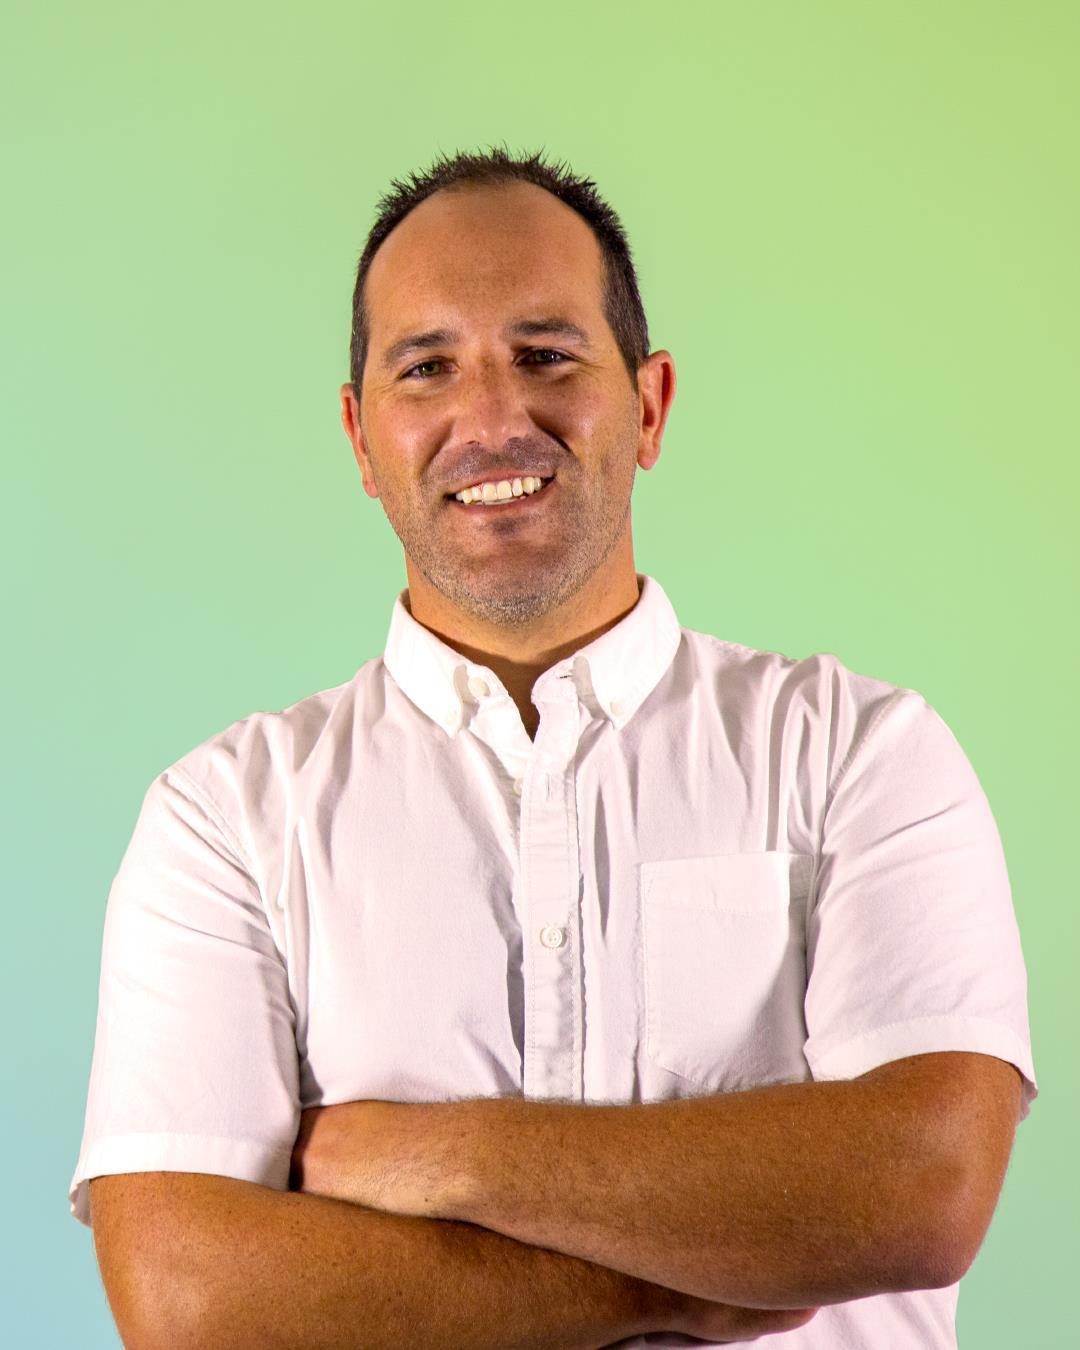 Eric Dieter